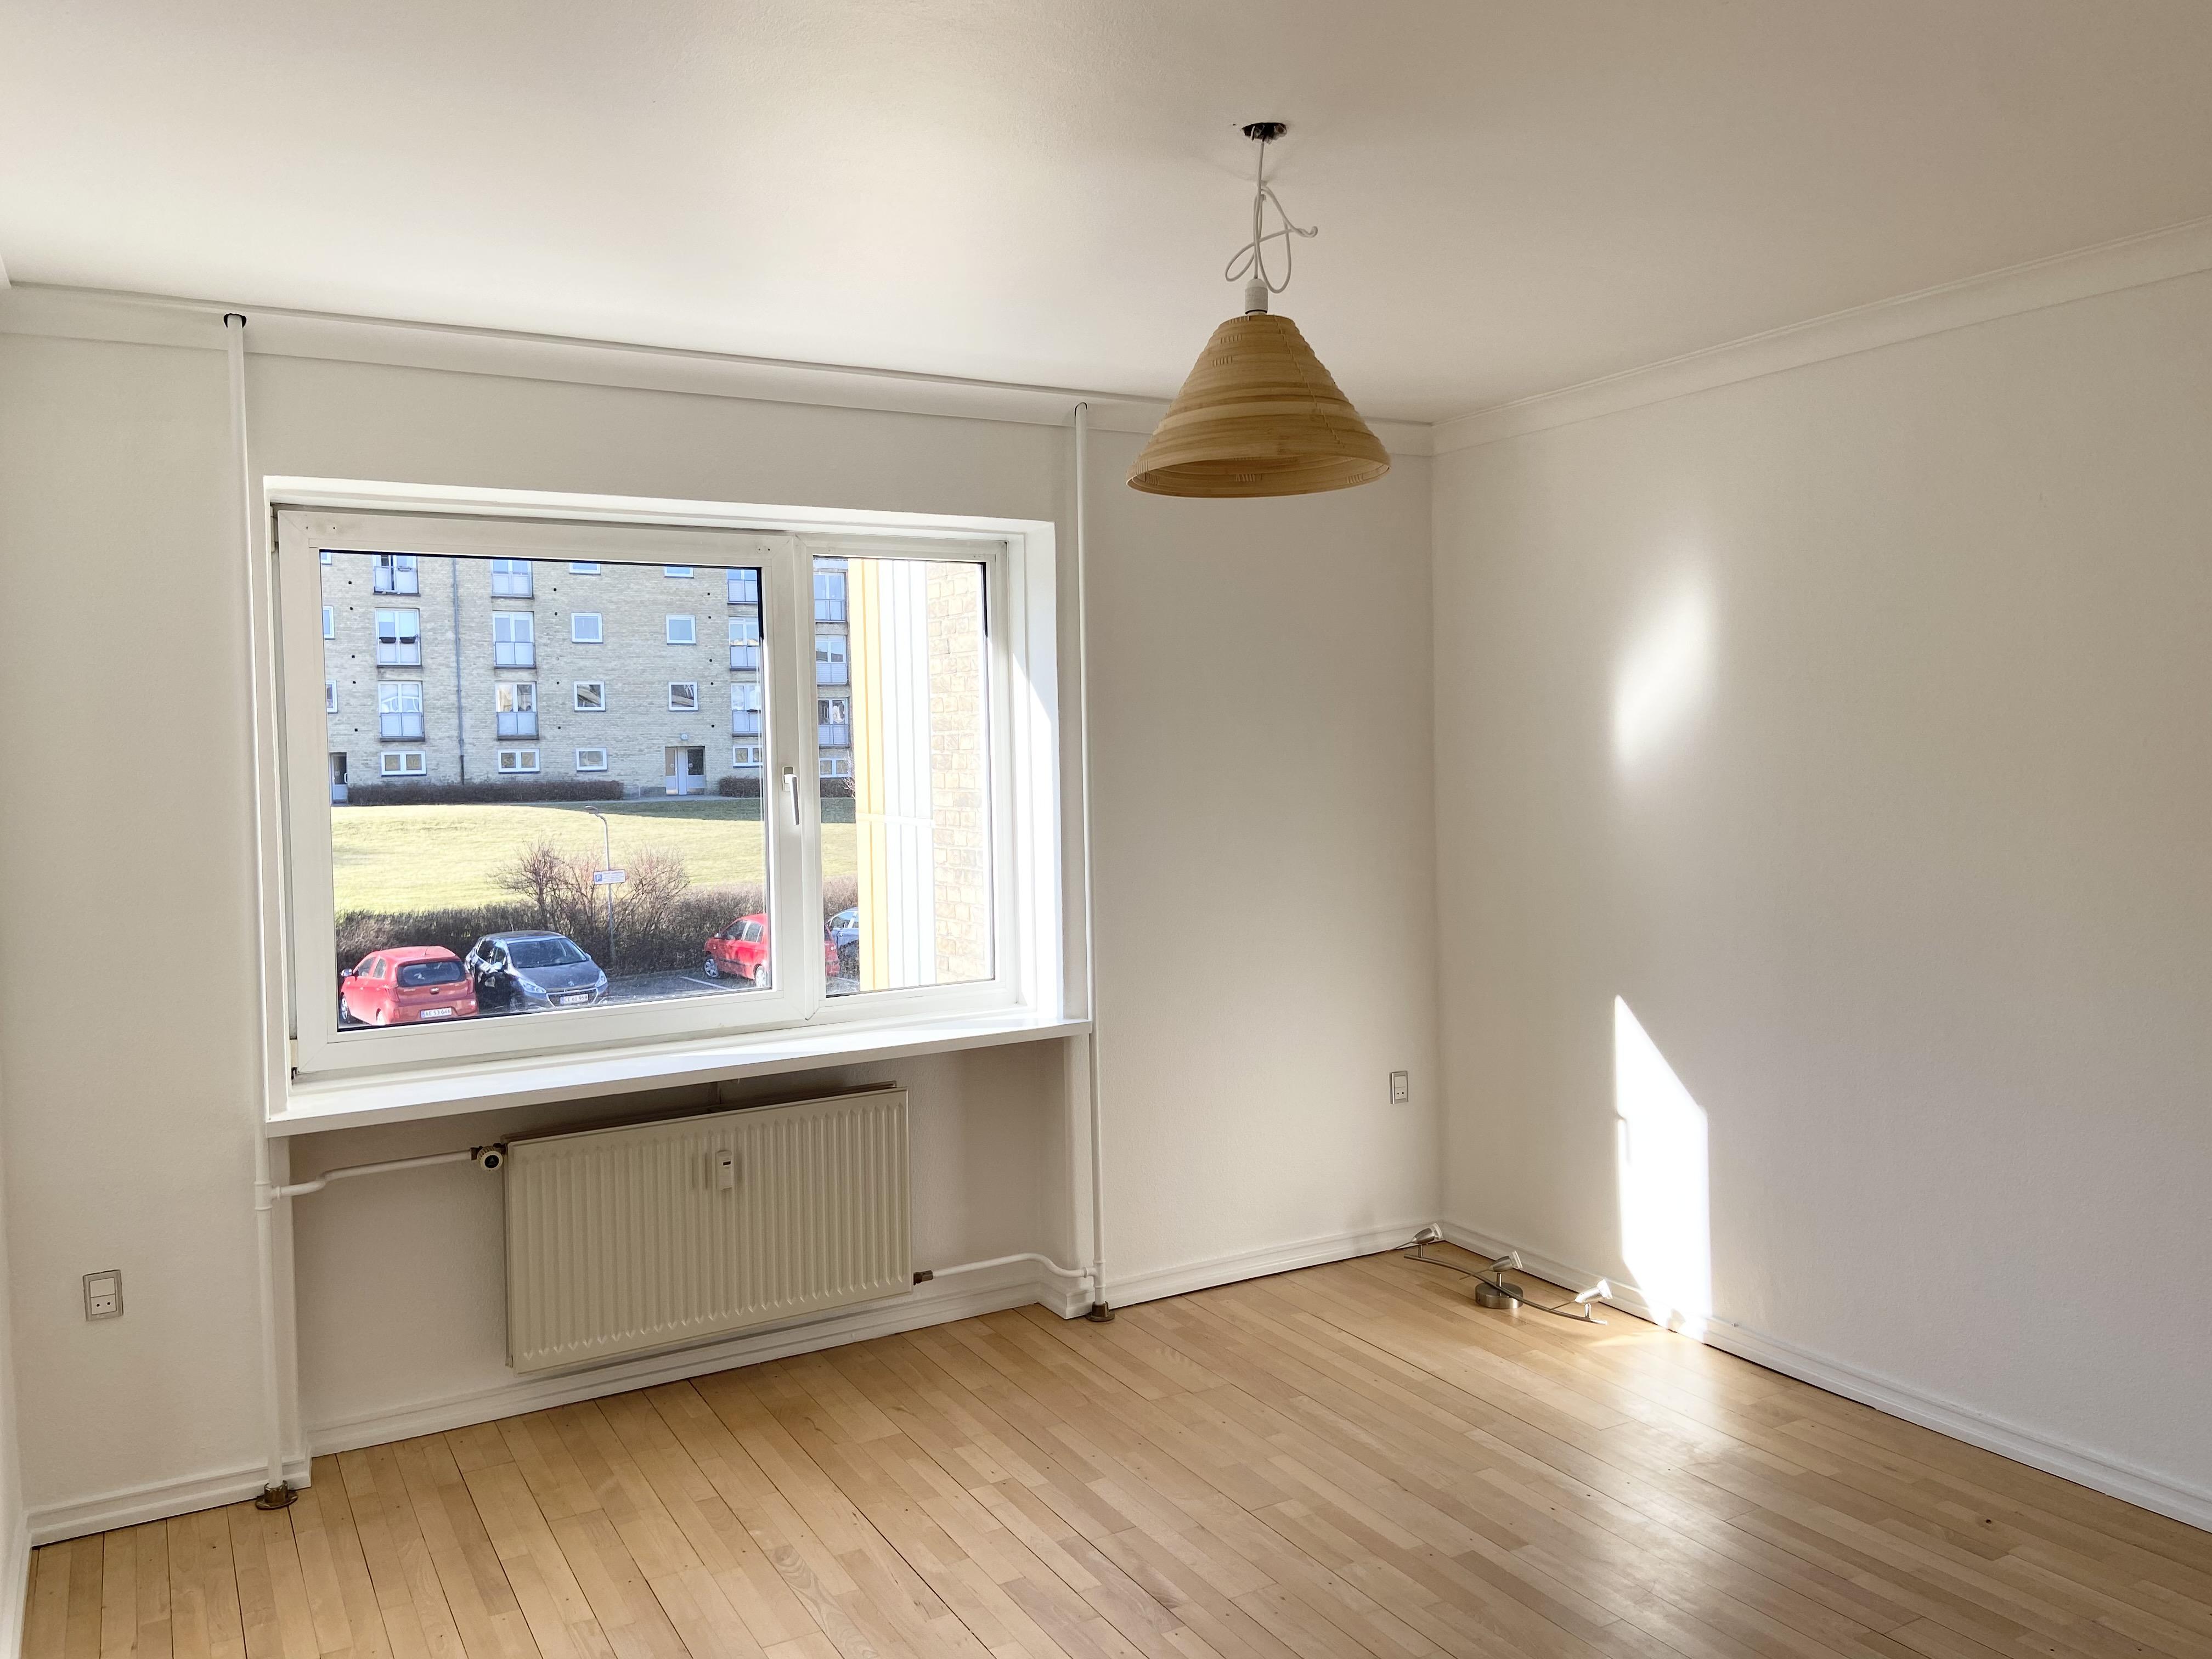 Søger 2 Roomies til nyt bofællesskab :-)